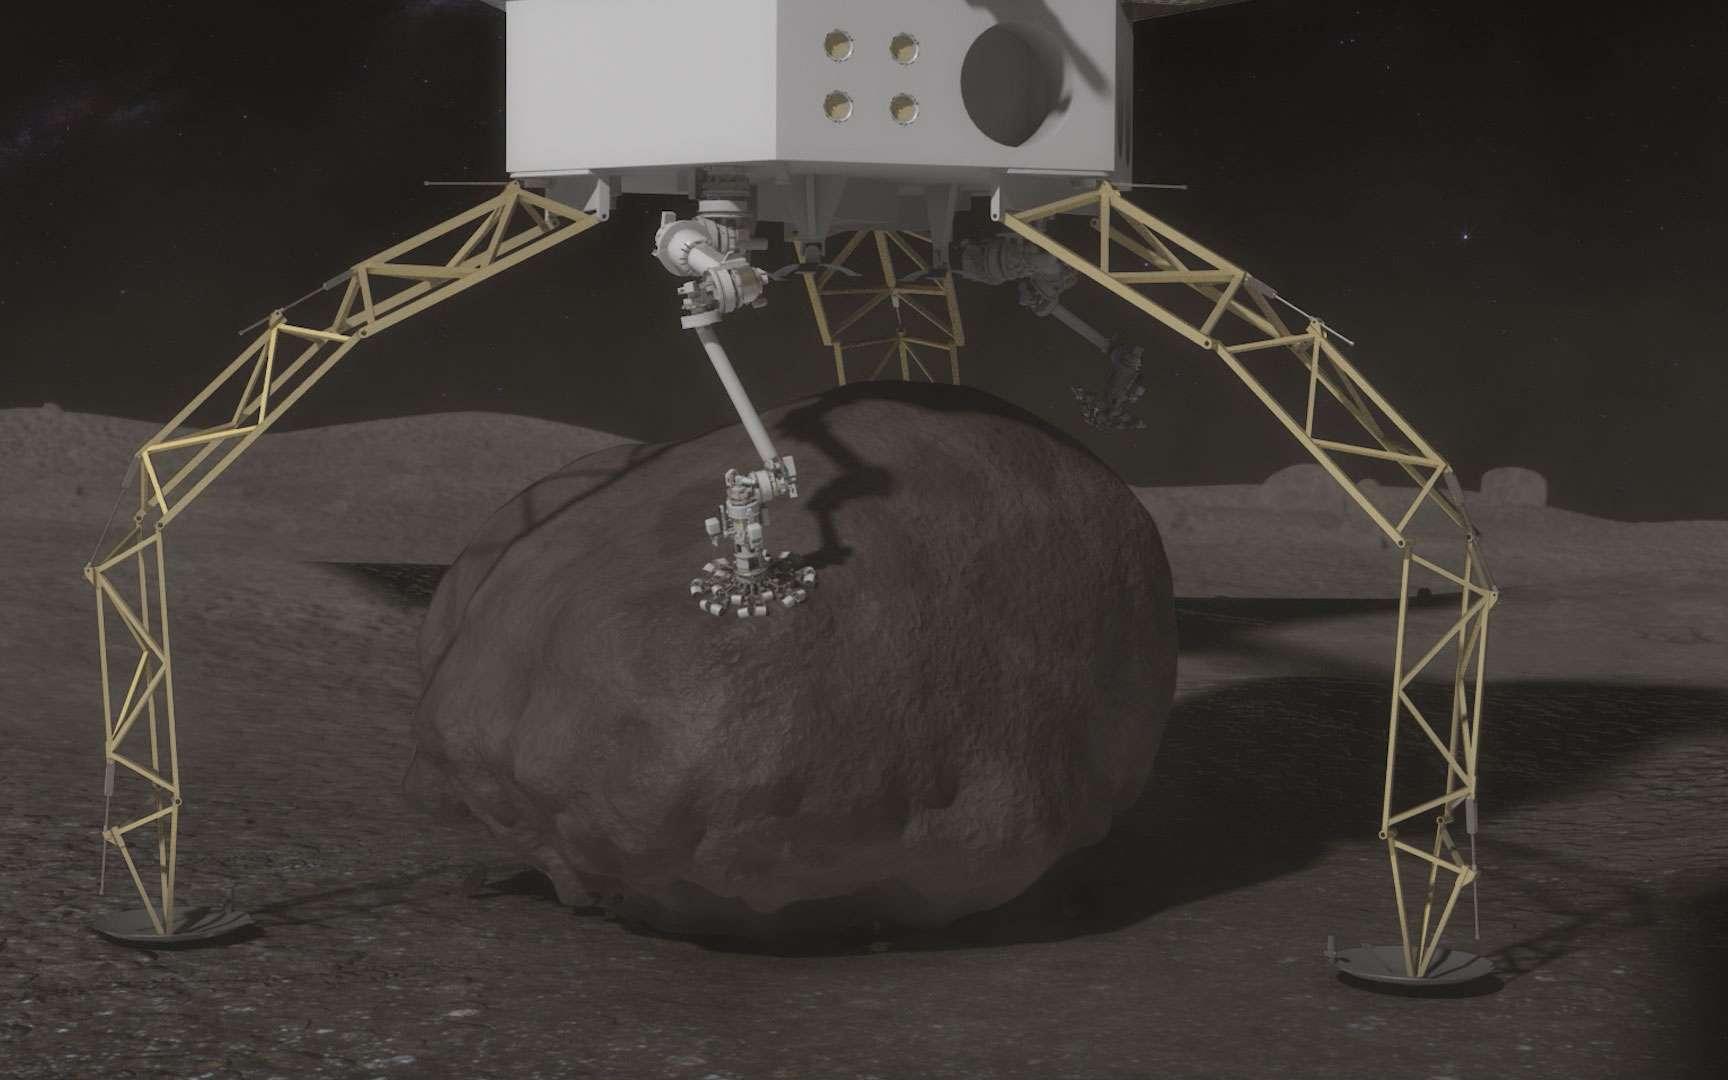 Une des solutions envisagées dans le cadre de la mission ARM est d'extraire un gros rocher sur un astéroïde à l'aide d'un bras robotisé. Un prélude à leur exploitation minière ? © Nasa